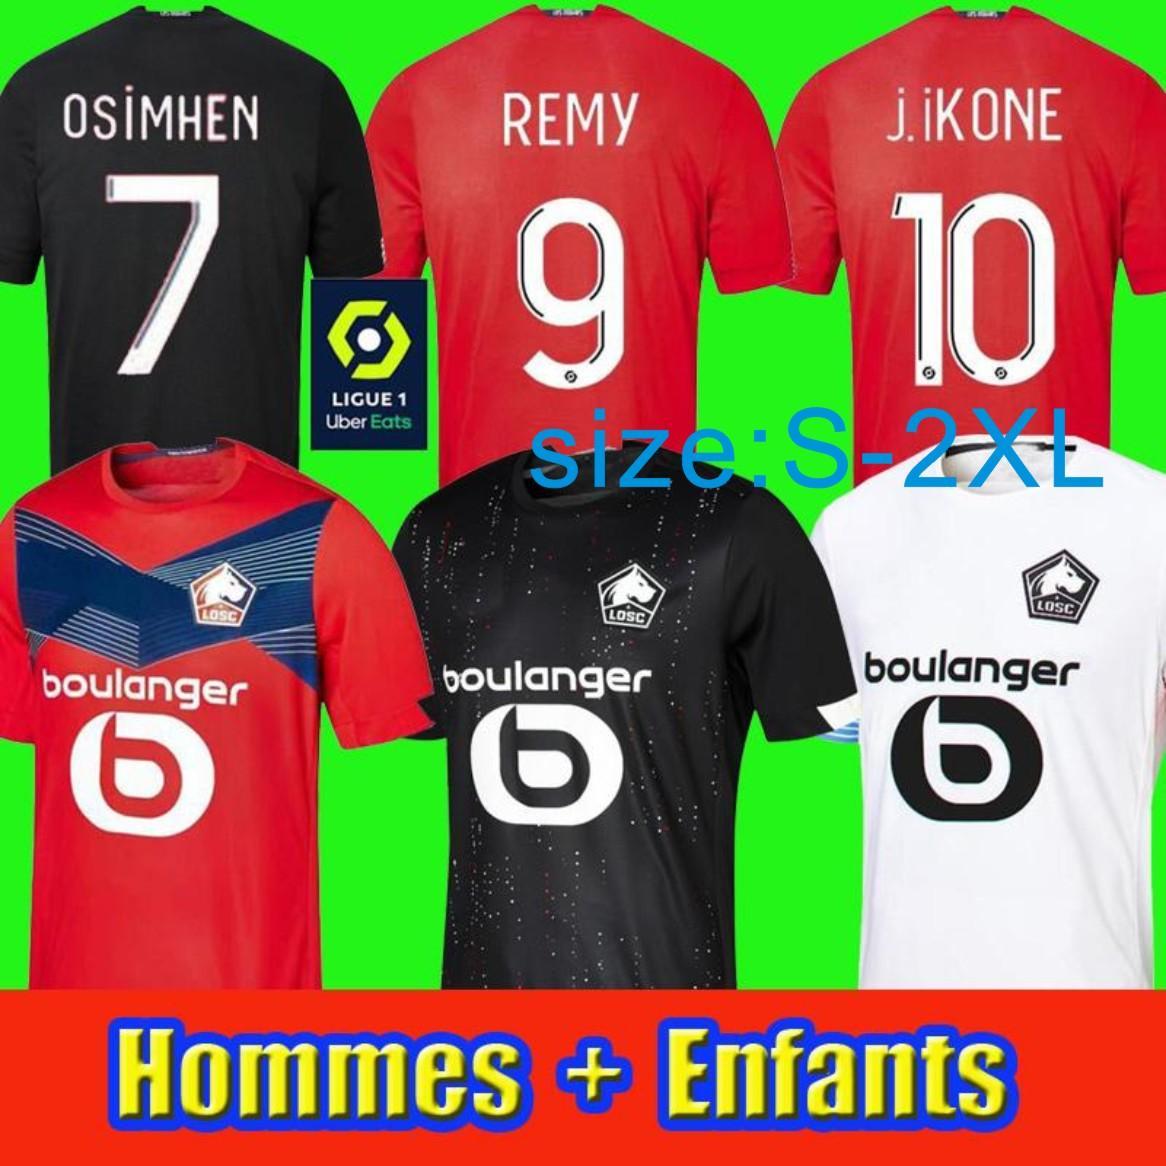 2021 OSC hombres y niños Jerseys de fútbol Fance Sanches Yilmaz Bamba J.DAVID J.IKONE 20 21 Jersey de fútbol